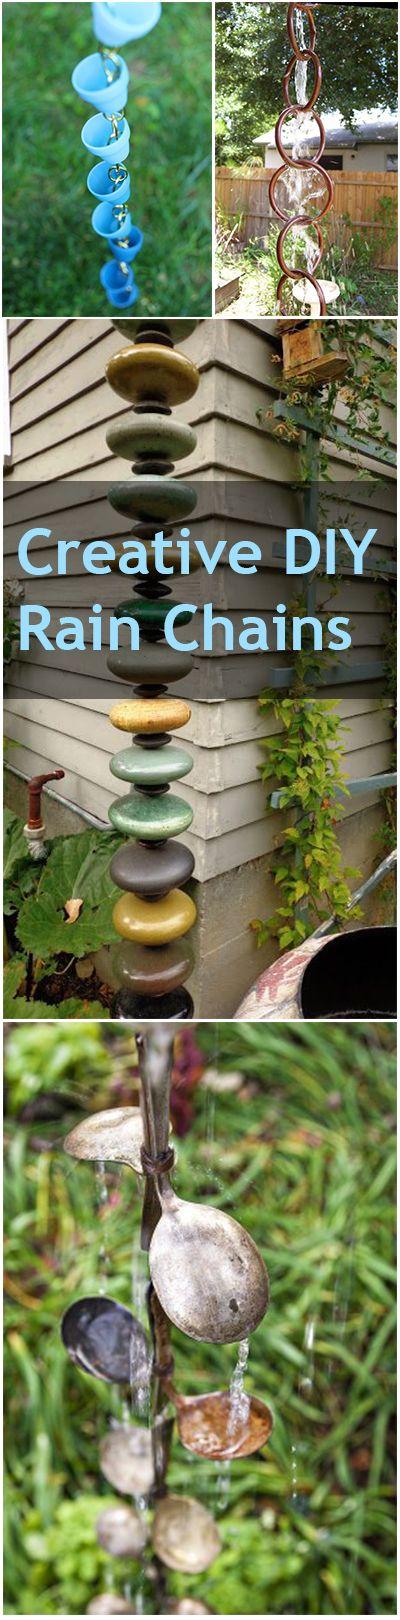 10 Creative Diy Rain Chain Ideas Rain Chains Rain And 400 x 300